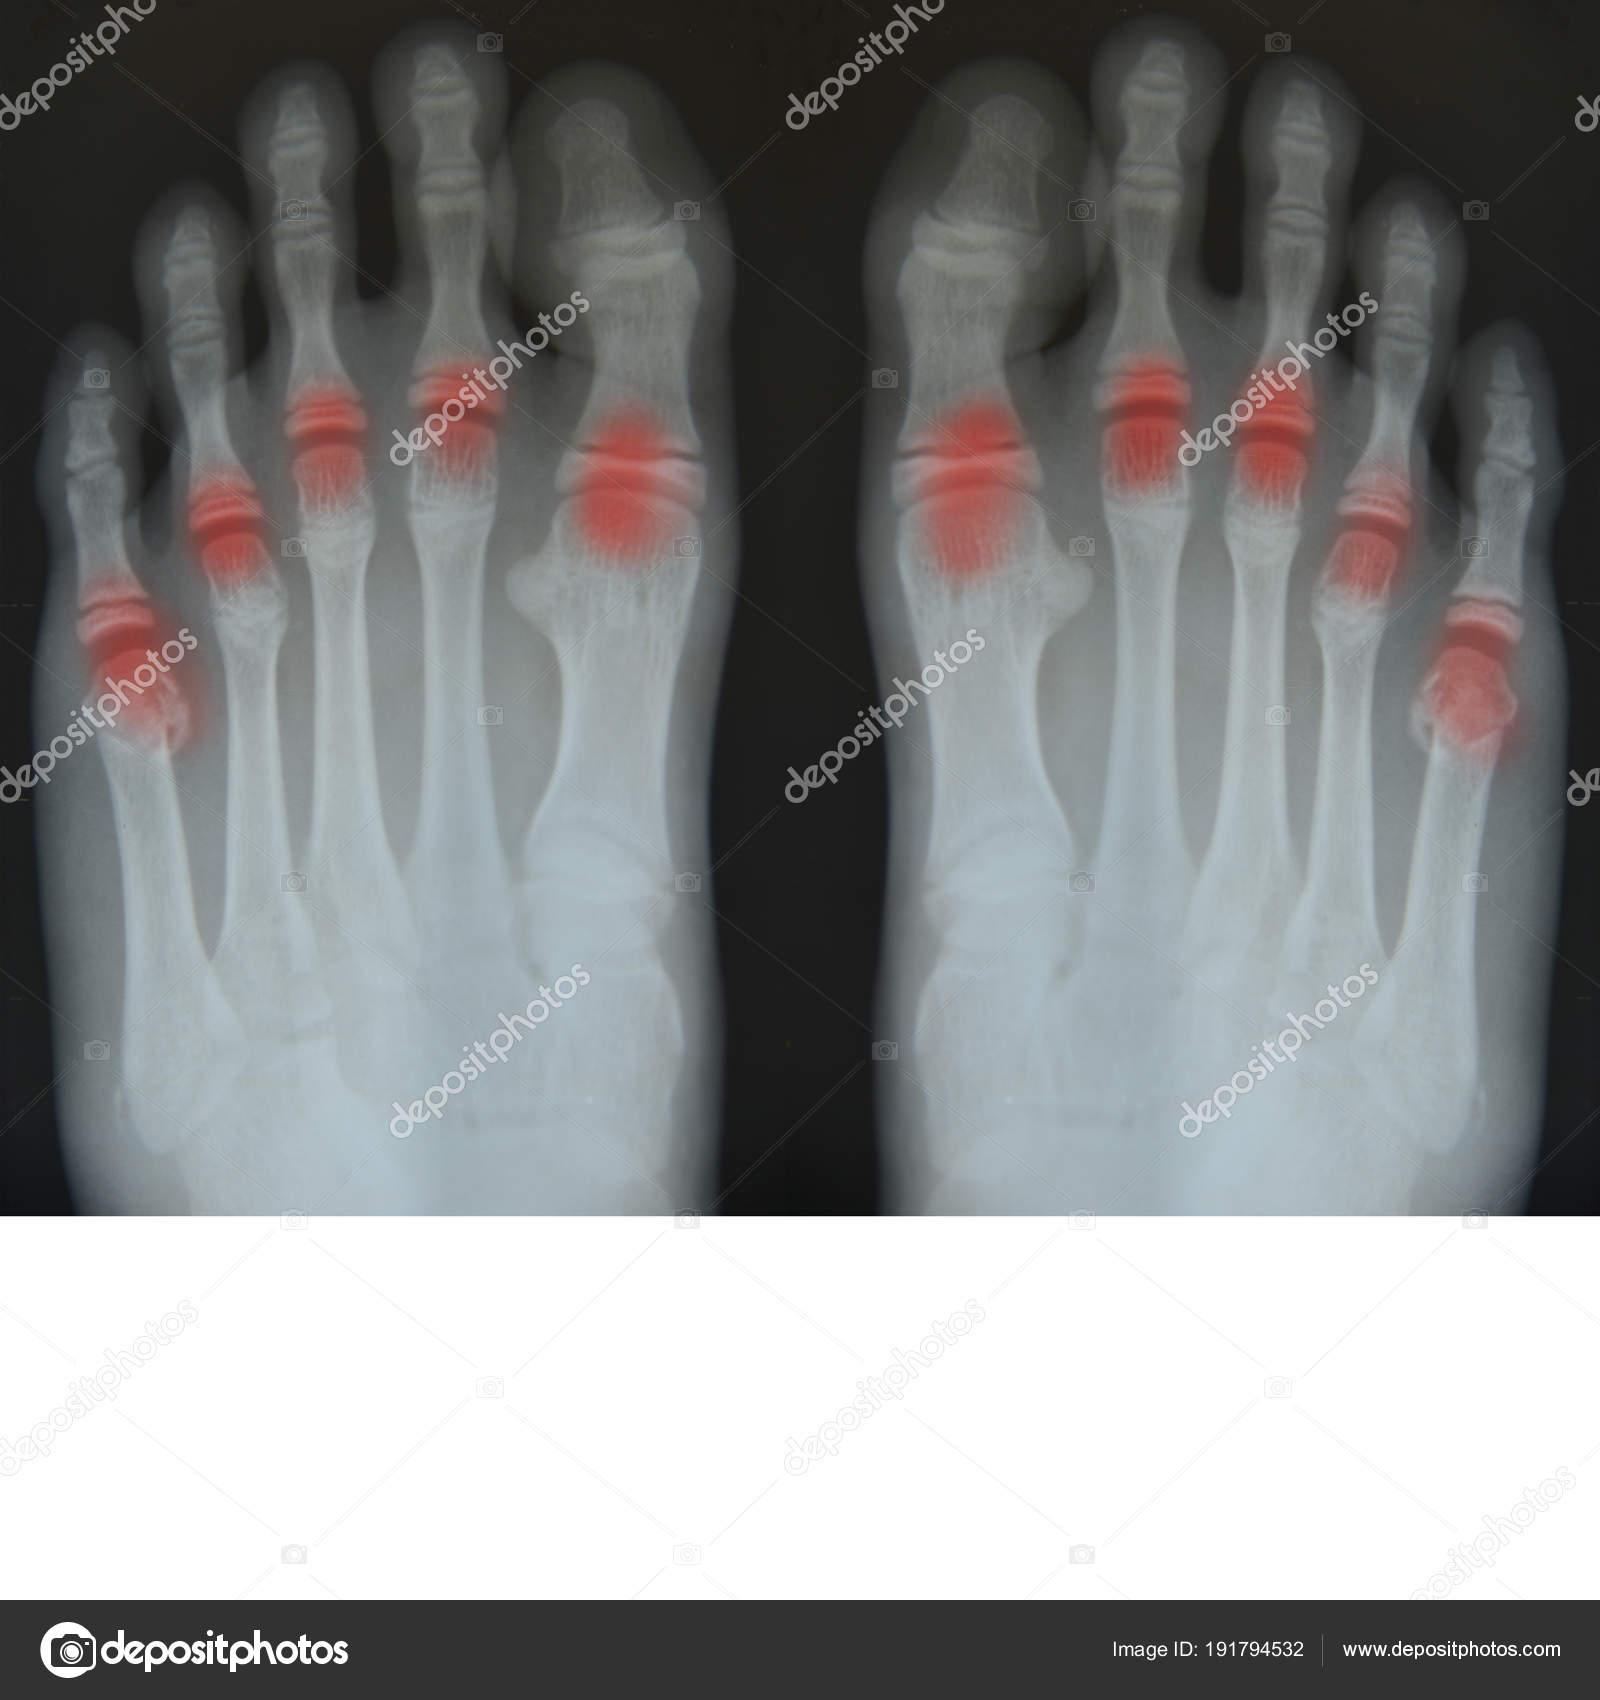 Knochen des Fußes Röntgenfilm — Stockfoto © toeytoey #191794532